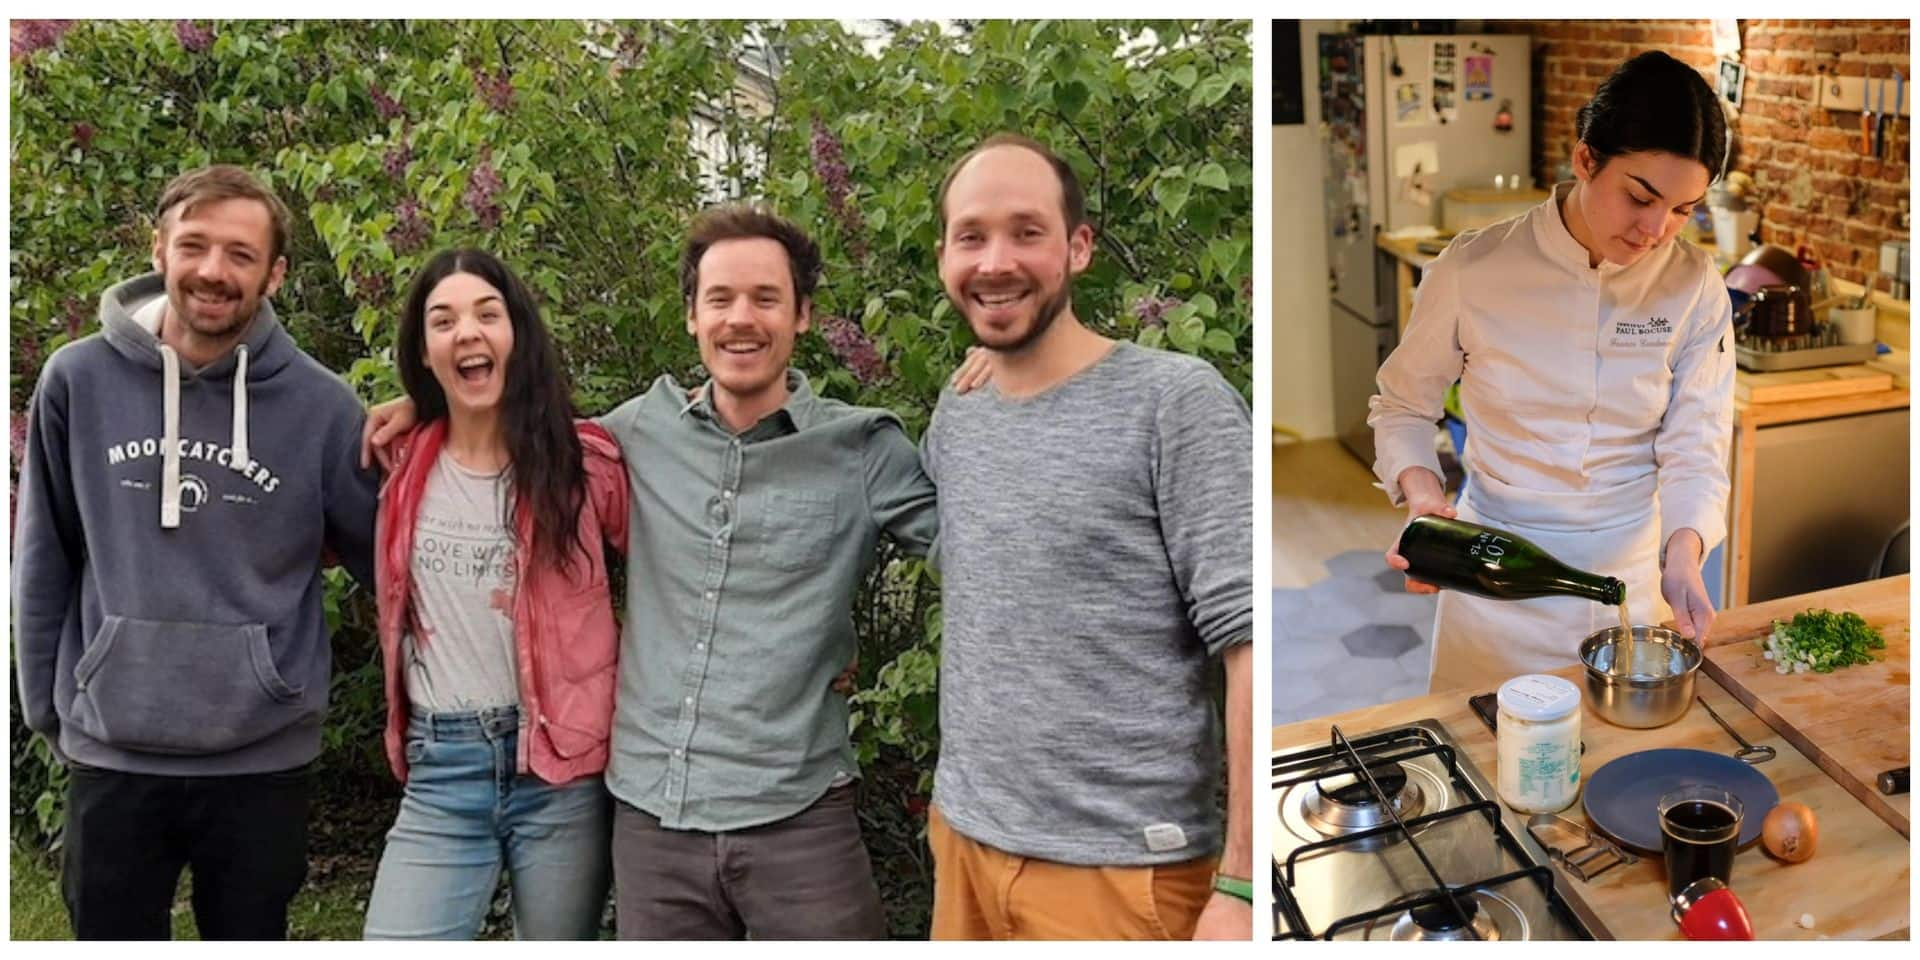 Mazette : Un nouveau café-brasserie coopératif dans les Marolles